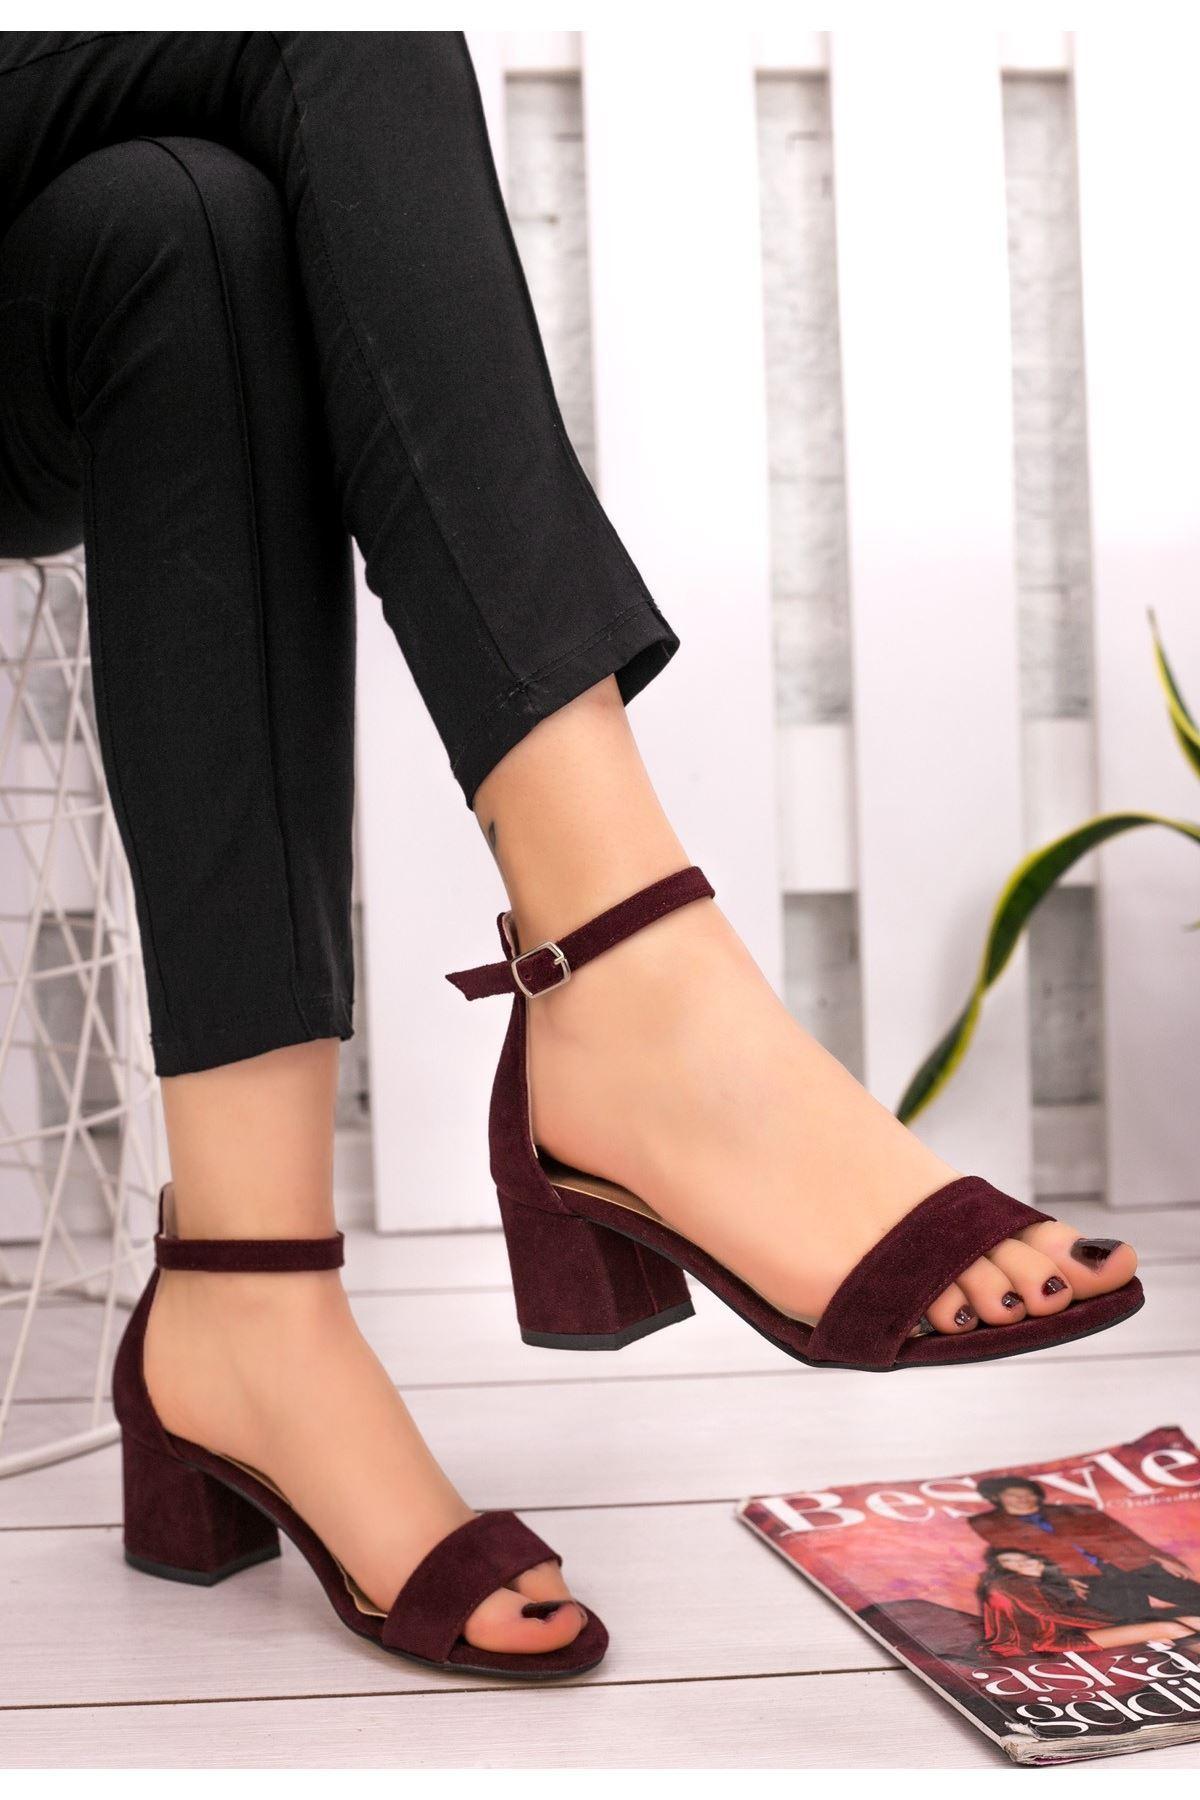 Epon Bordo Süet Tek Bant Topuklu Ayakkabı